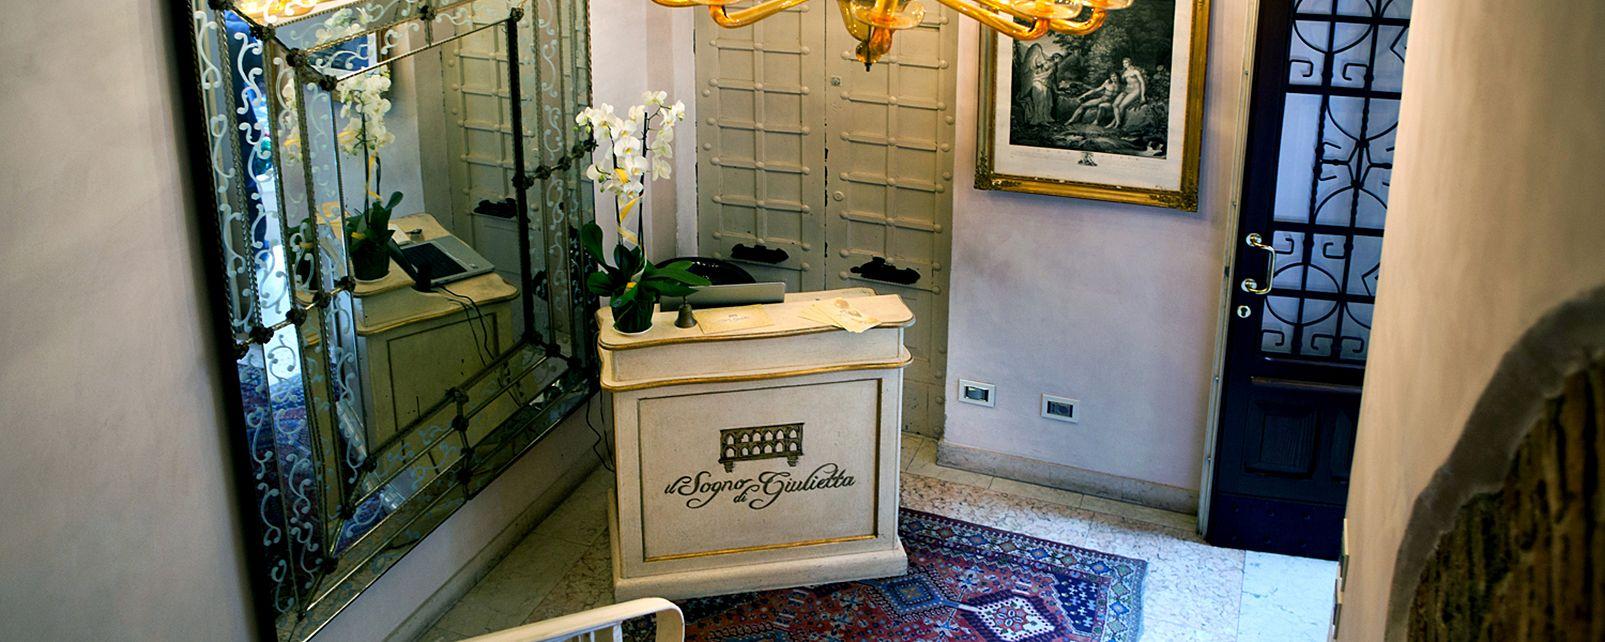 Hôtel Il sogno di Giulietta